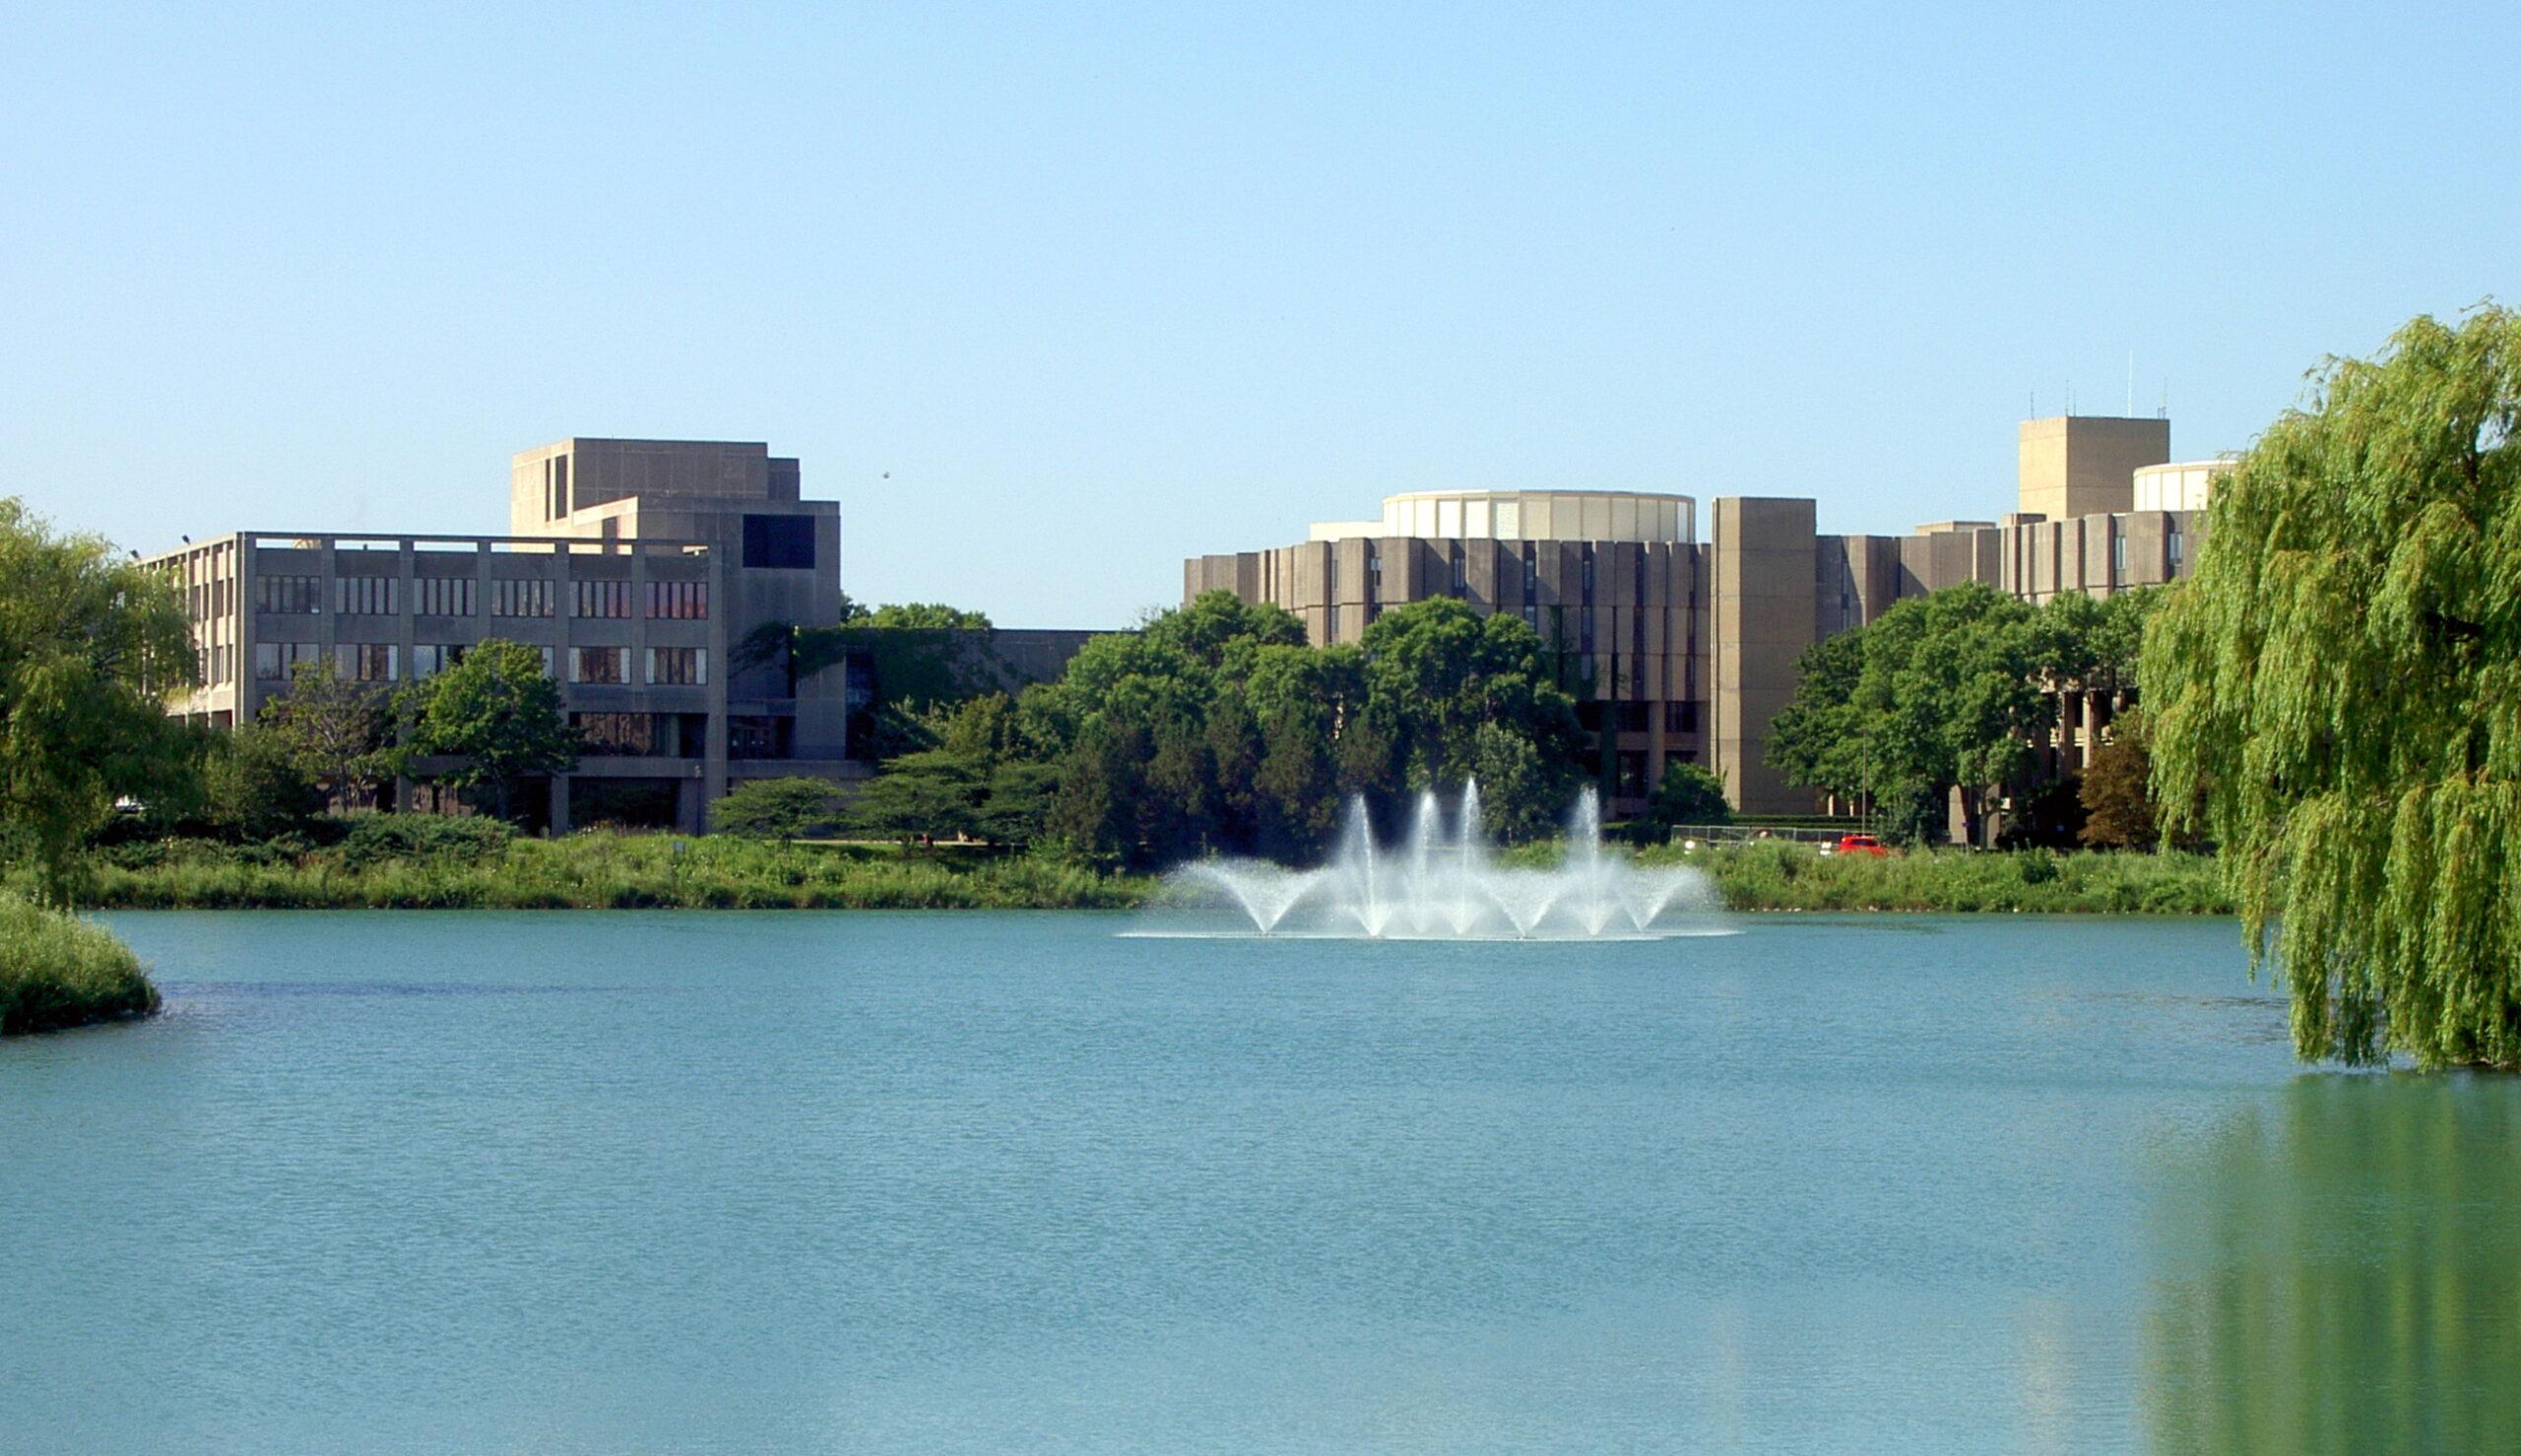 Como estudar na Universidade Northwestern com bolsa?